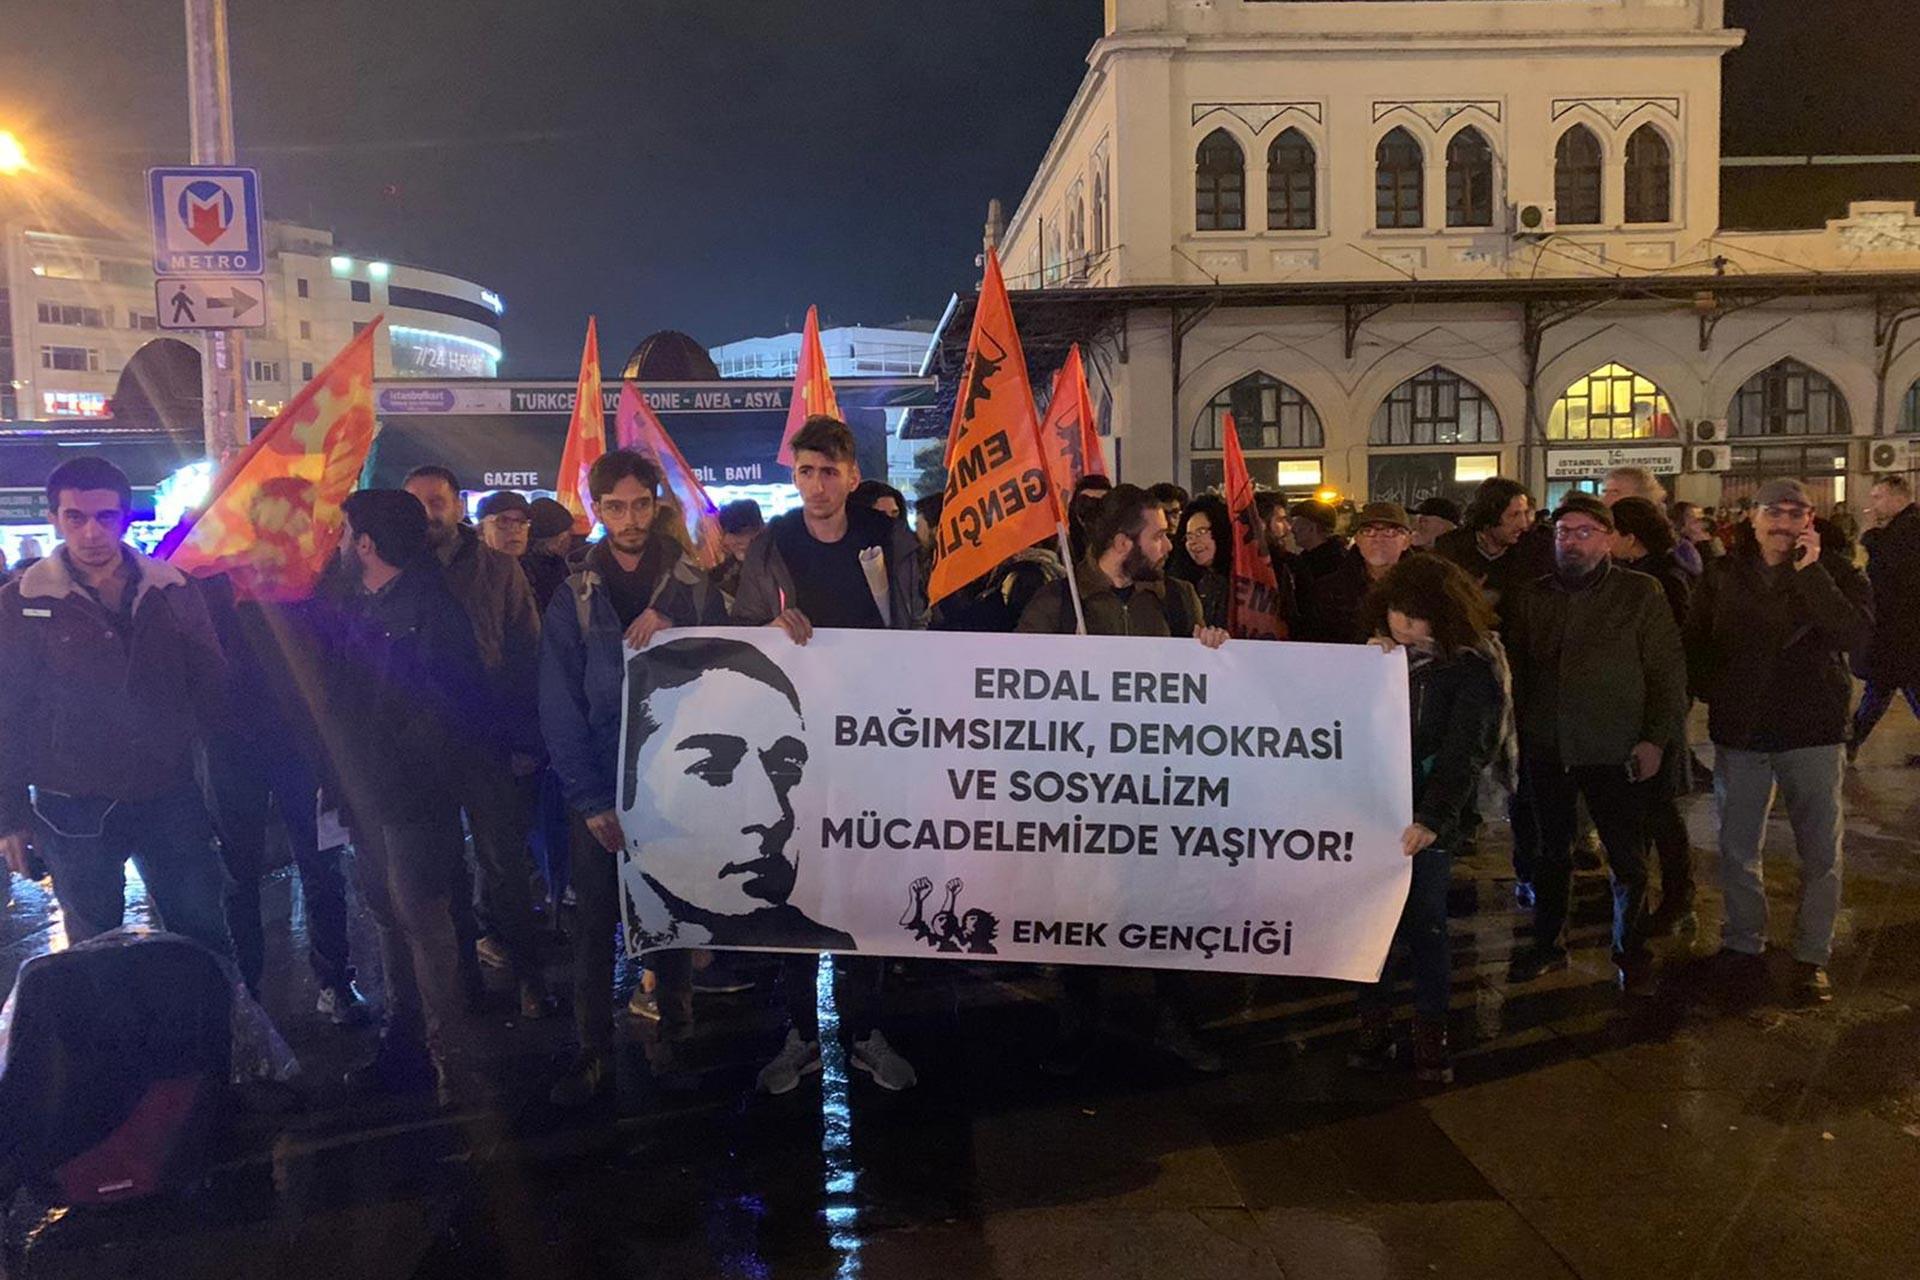 İstanbul Kadıköy Rıhtım'da yapılan Erdal Eren anmasında Emek Gençliği üyesi gençler 'Erdal Eren bağımsızlık, demokrasi ve sosyalizm mücadelemizde yaşıyor!' yazılı pankartı tutarken